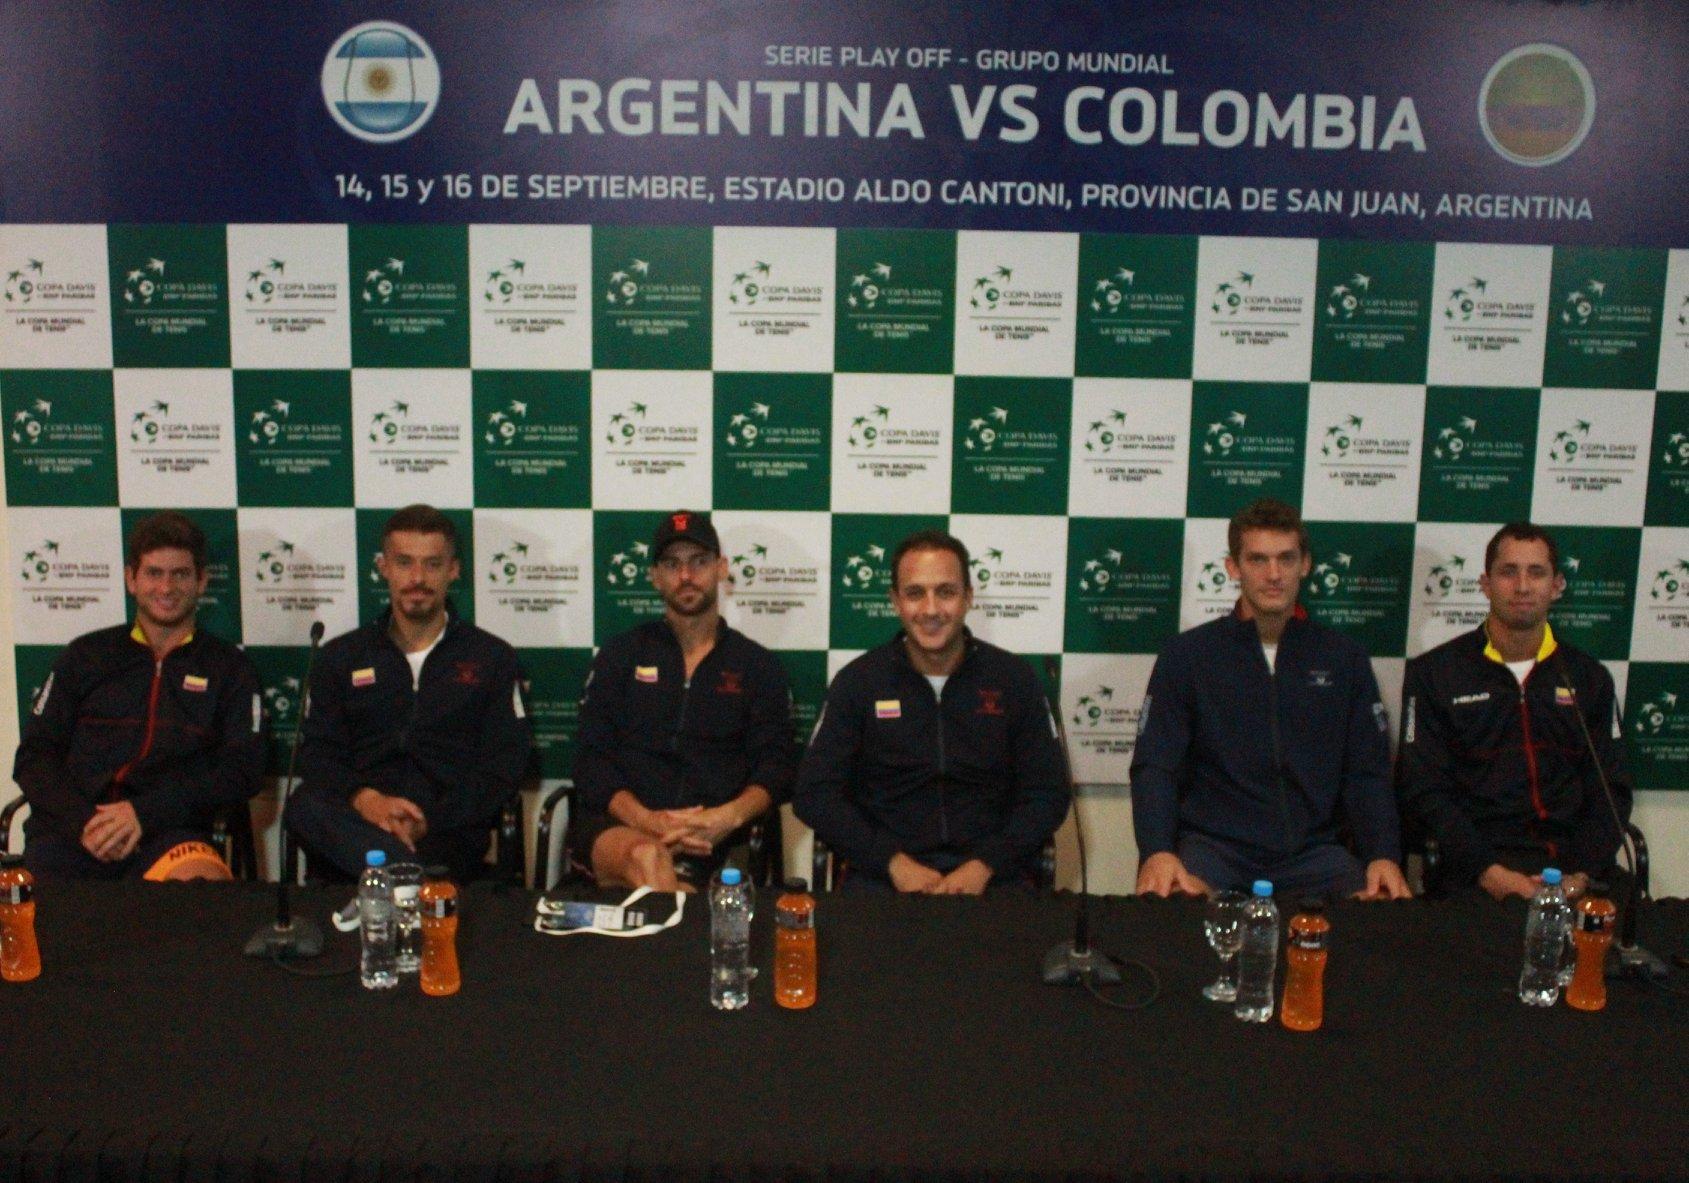 Tenis: Copa Davis: listo el sorteo para la serie de Argentina-Colombia